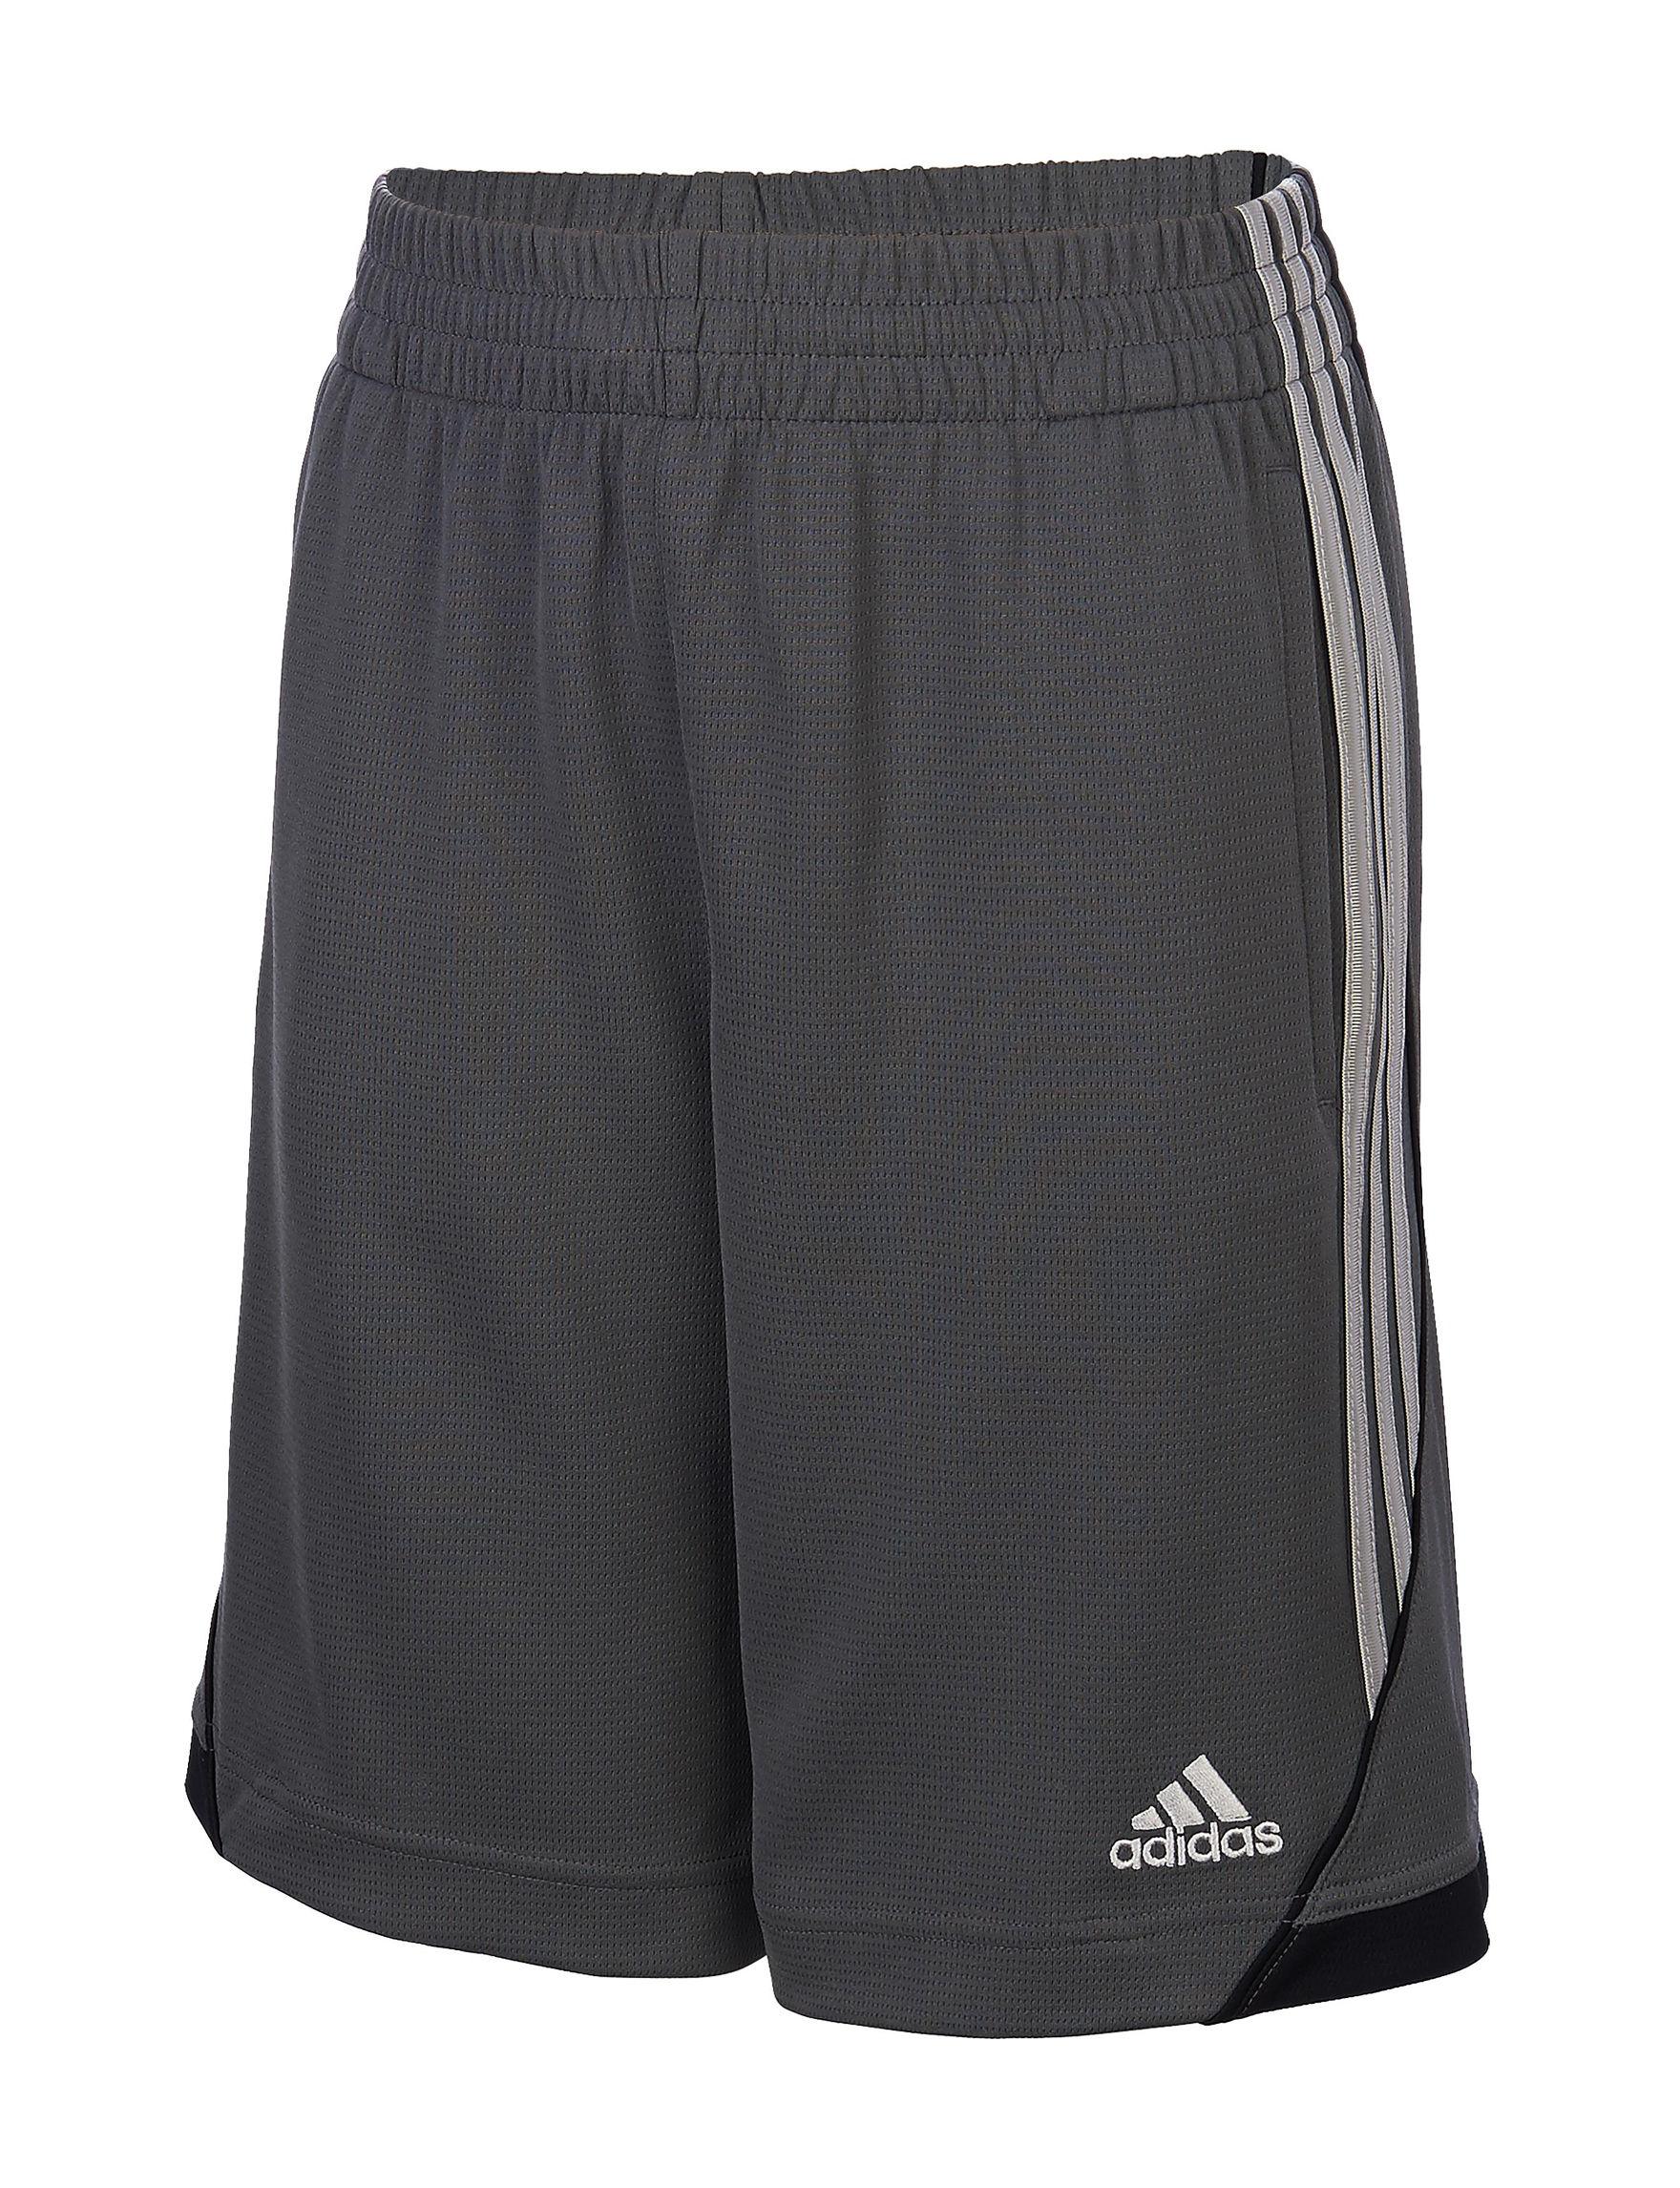 Adidas Grey Soft Shorts